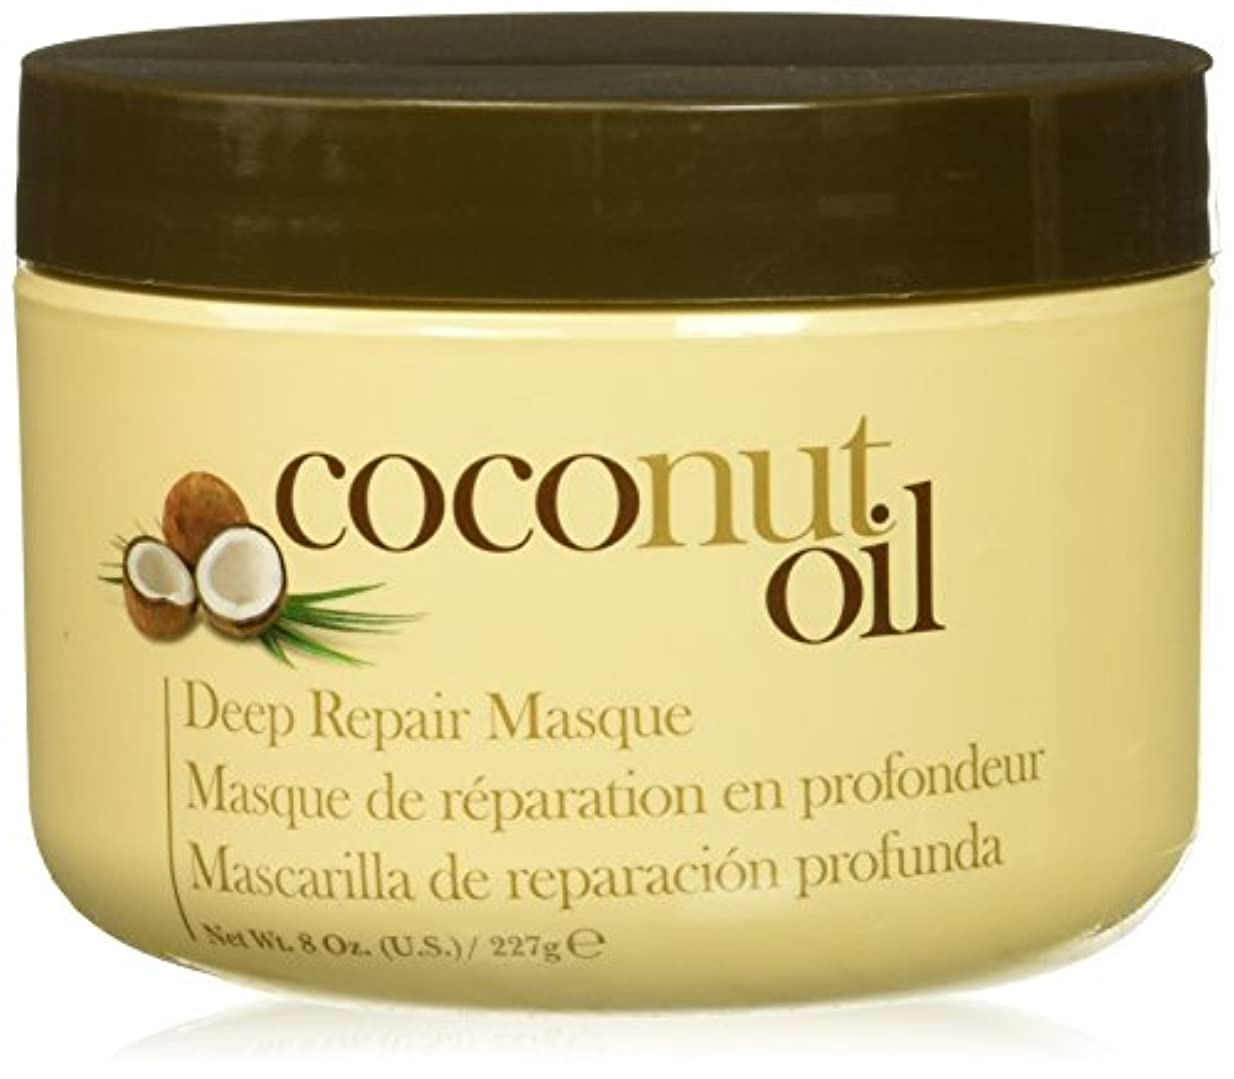 シャンプー書店家具Hair Chemist ヘアマスク ココナッツ オイル ディープリペアマスク 227g Coconut Oil Deep Repair Mask 1474 New York